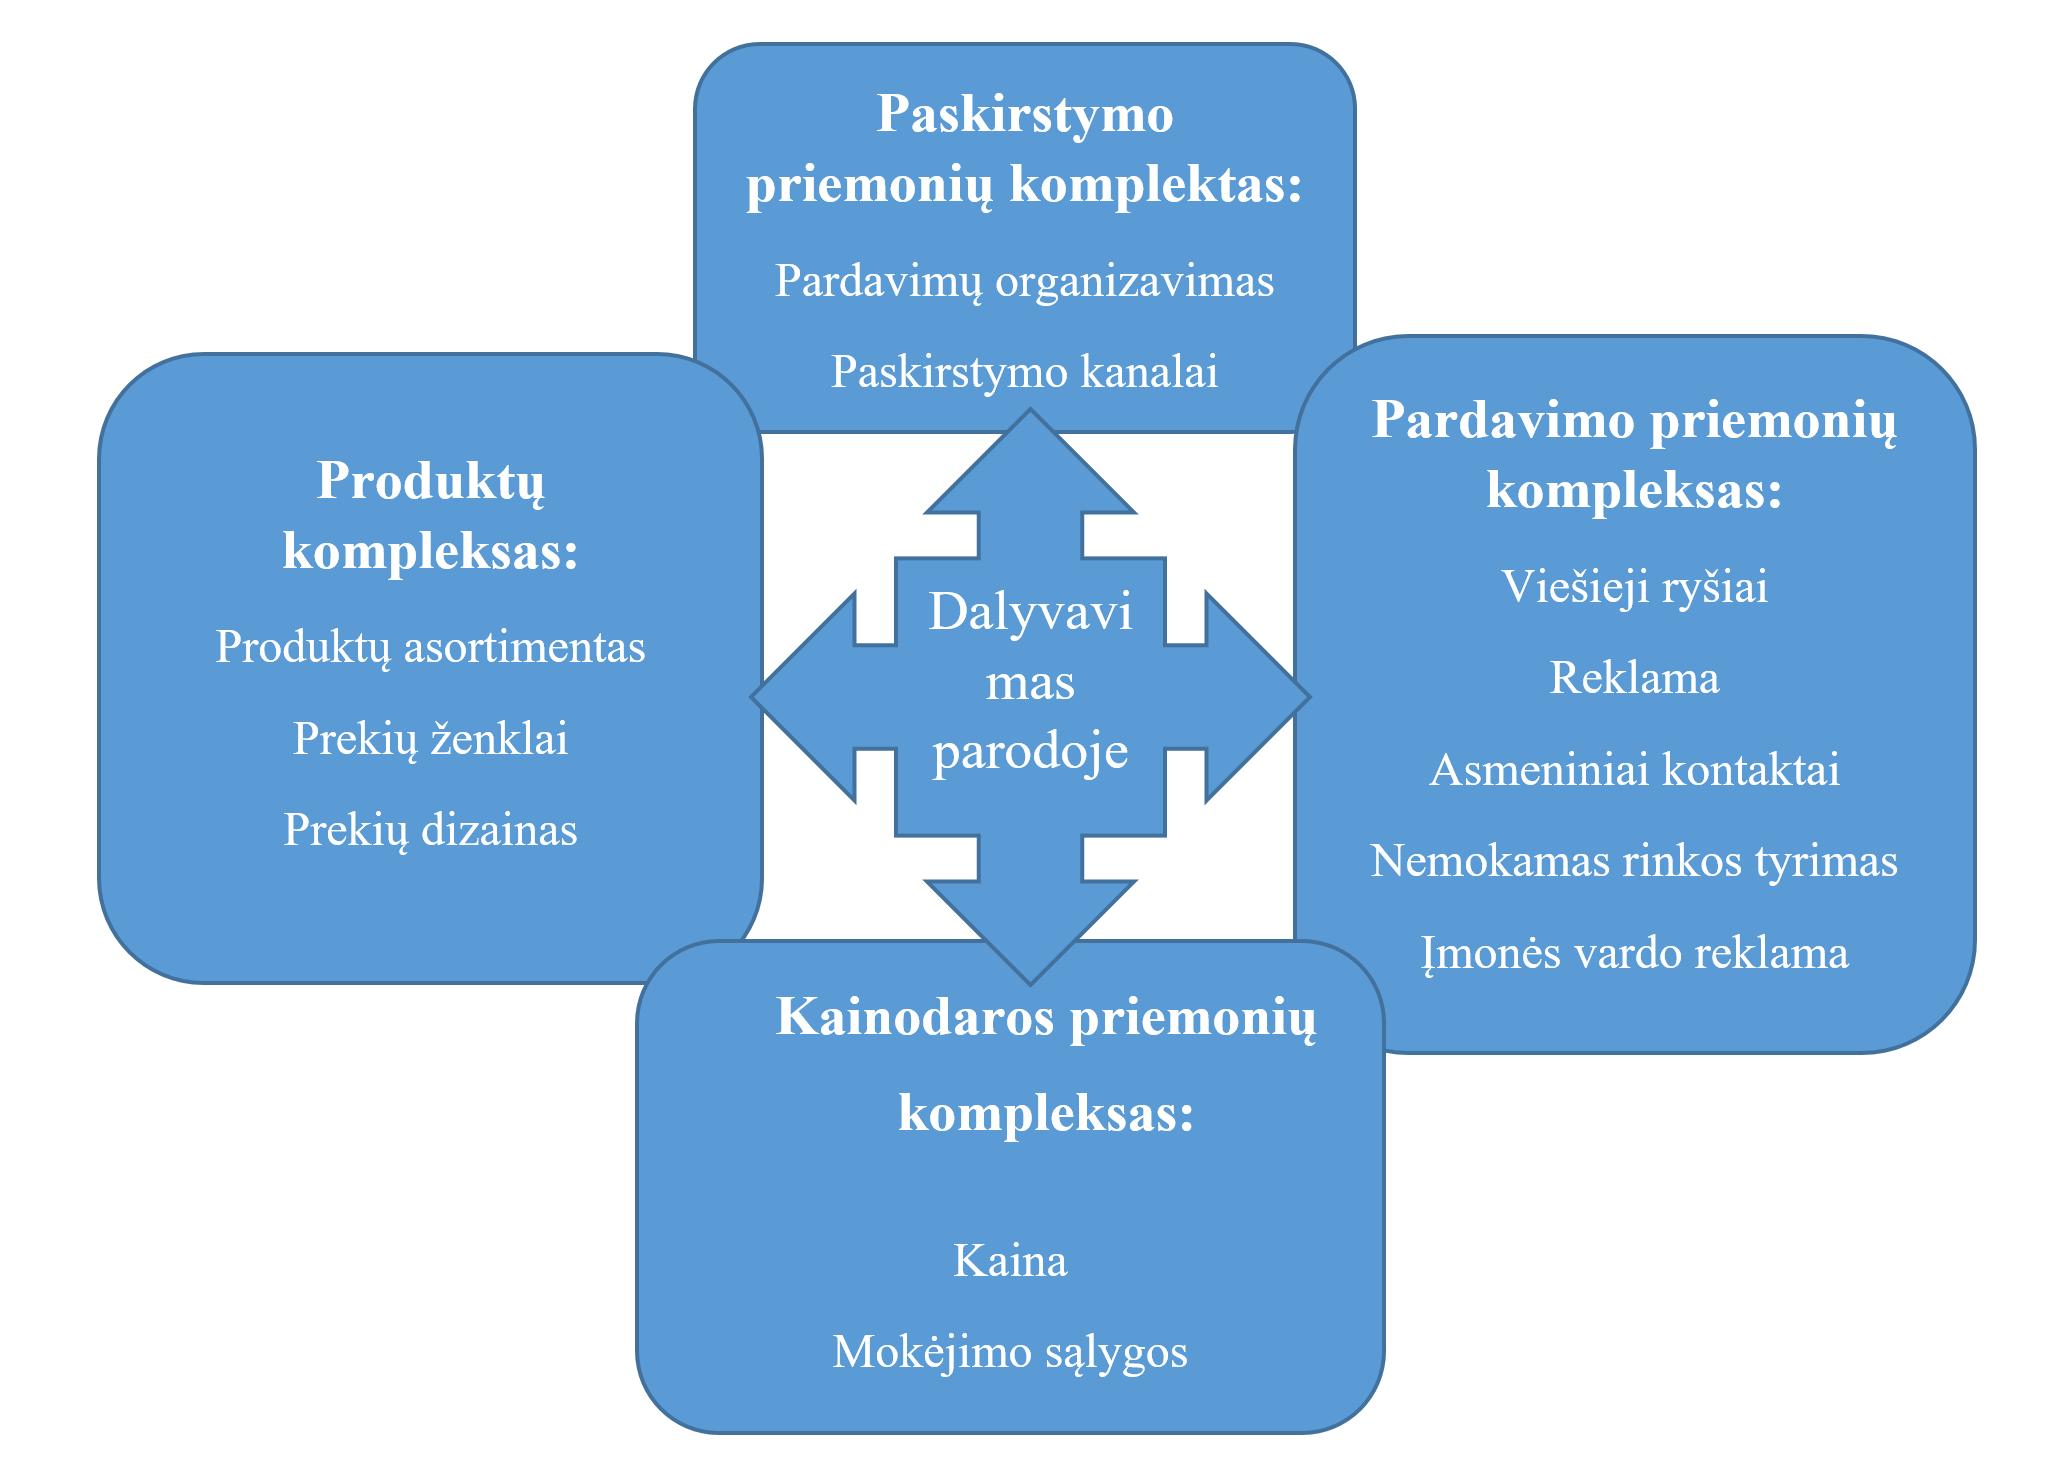 akcijų rinkodaros galimybės spi 2021 prekybos strategijos